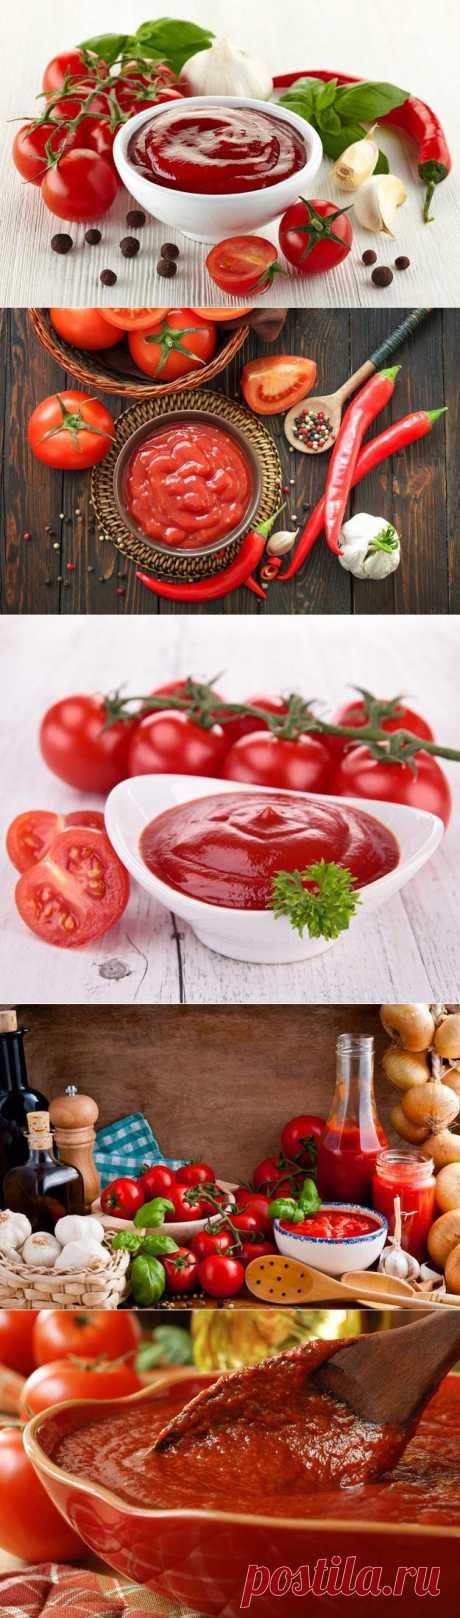 Секреты приготовления домашнего кетчупа